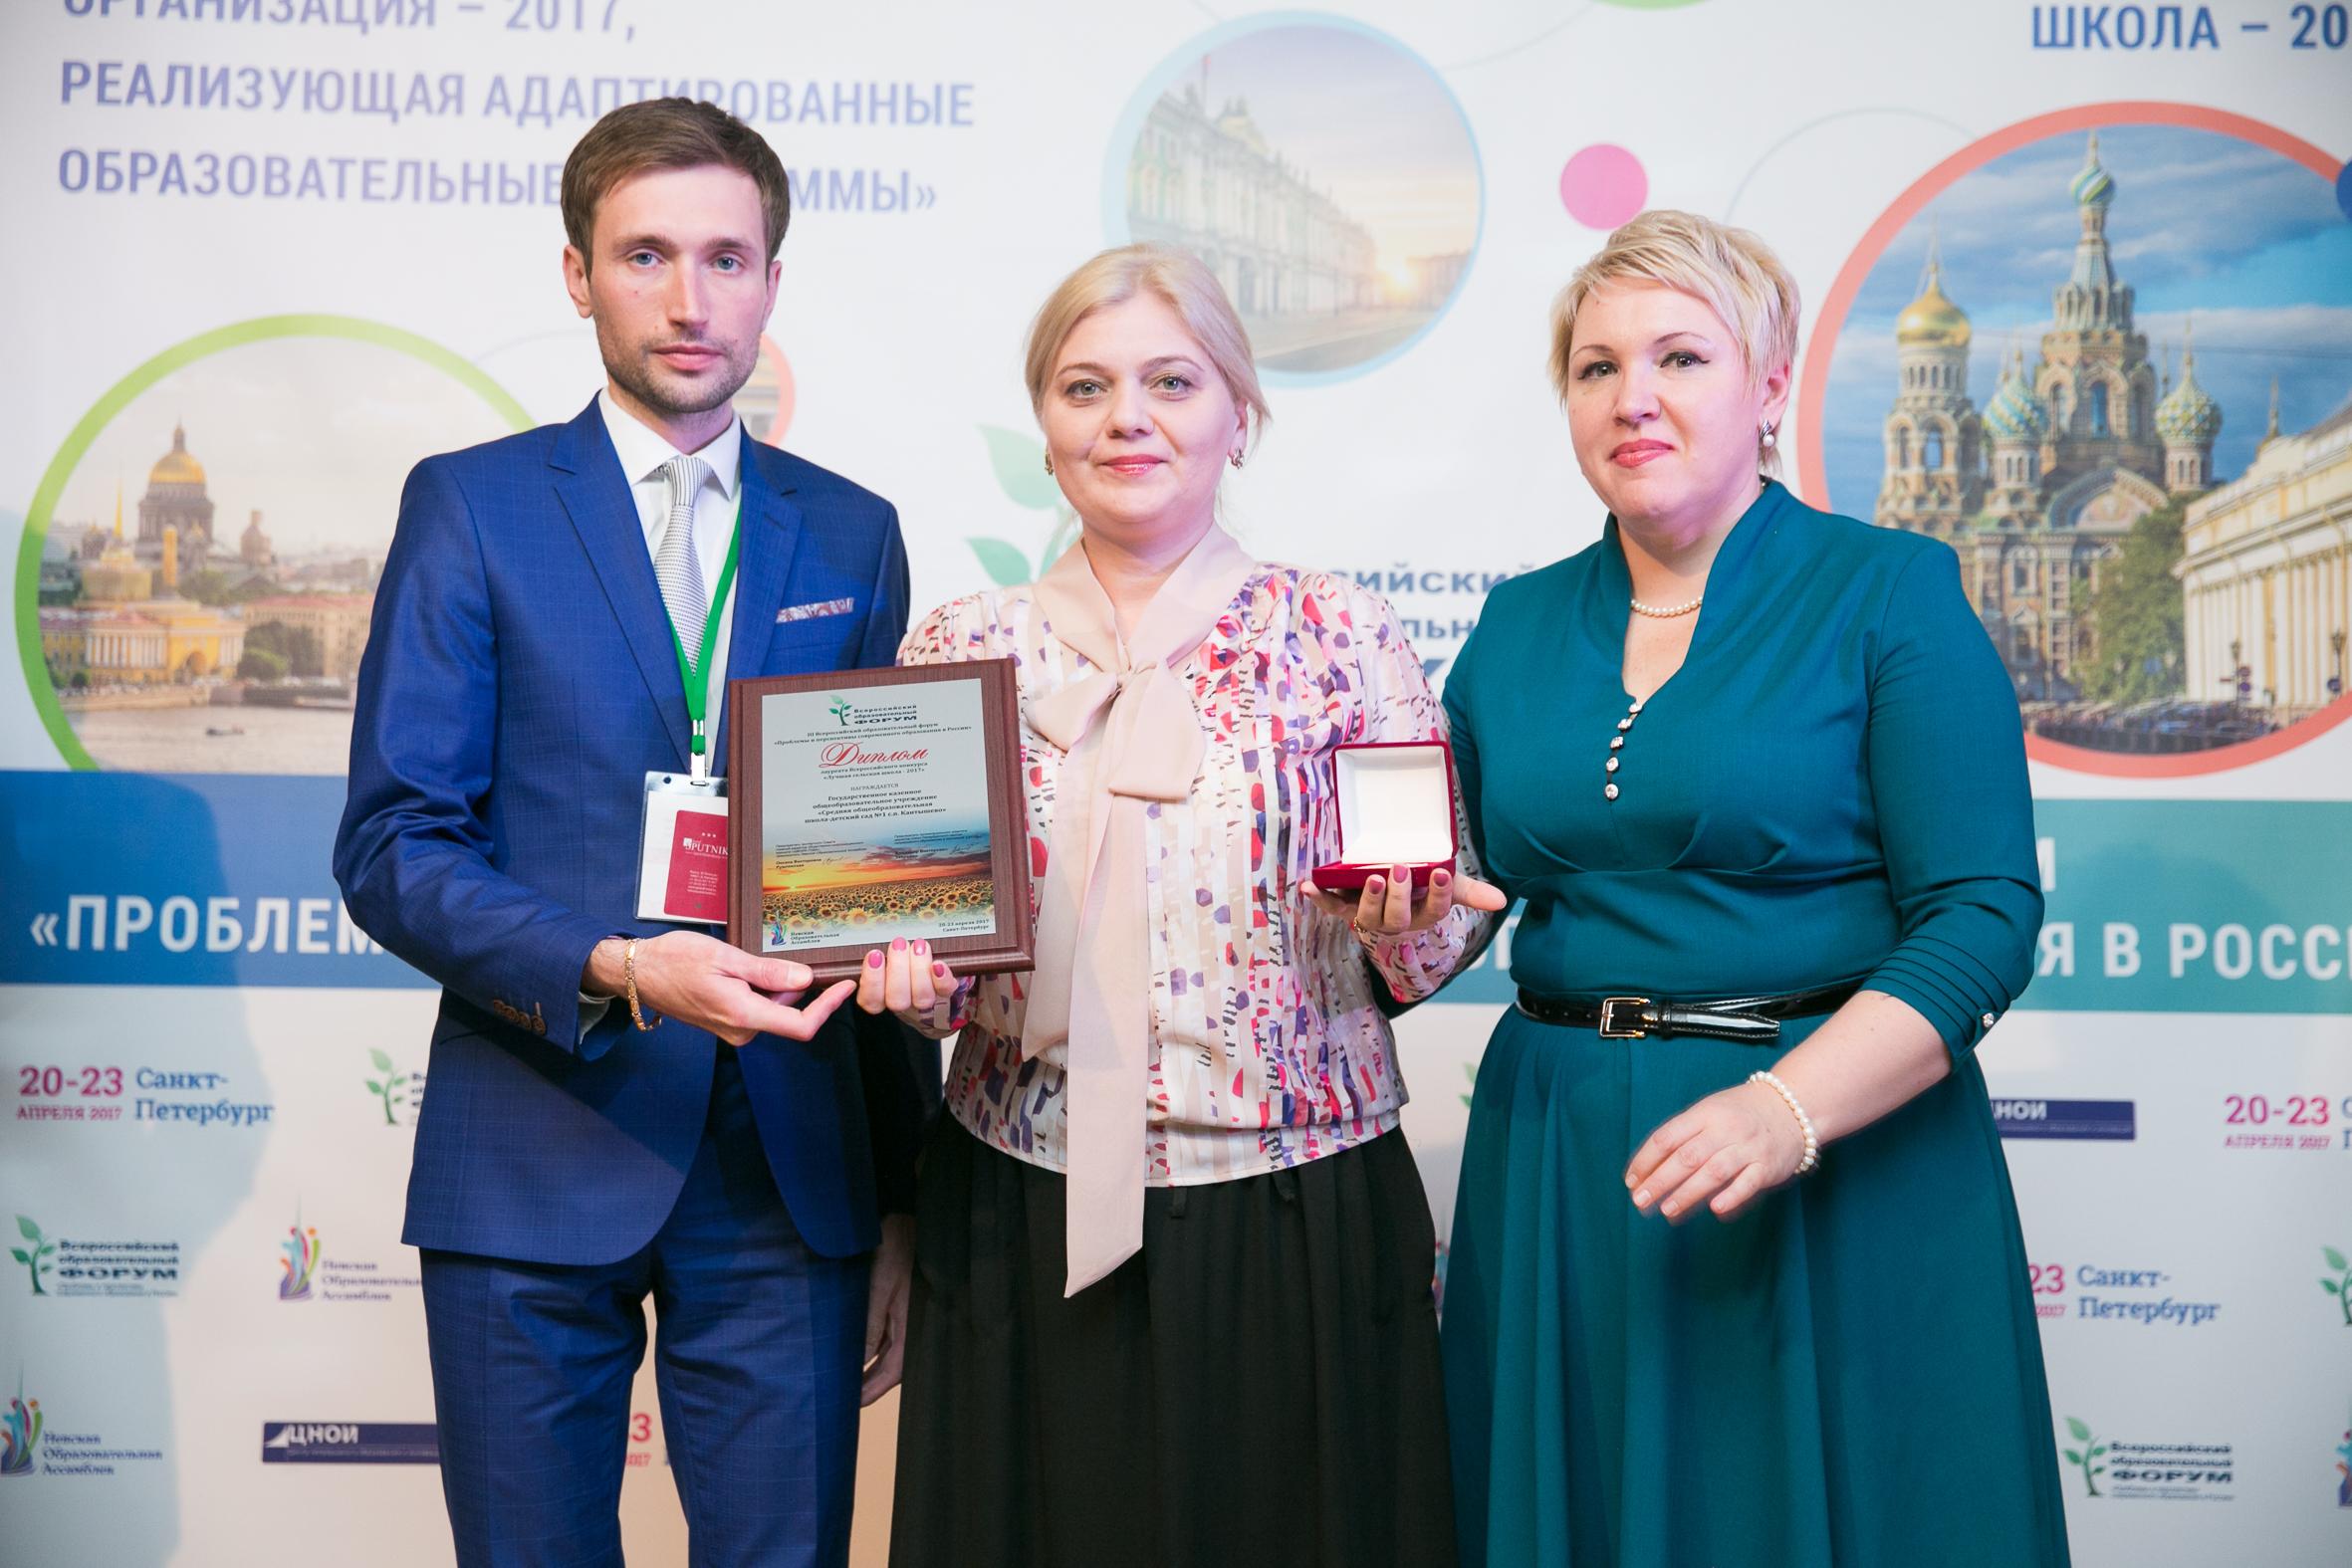 «Открытый публичный Всероссийский смотр-конкурс образовательных организаций»